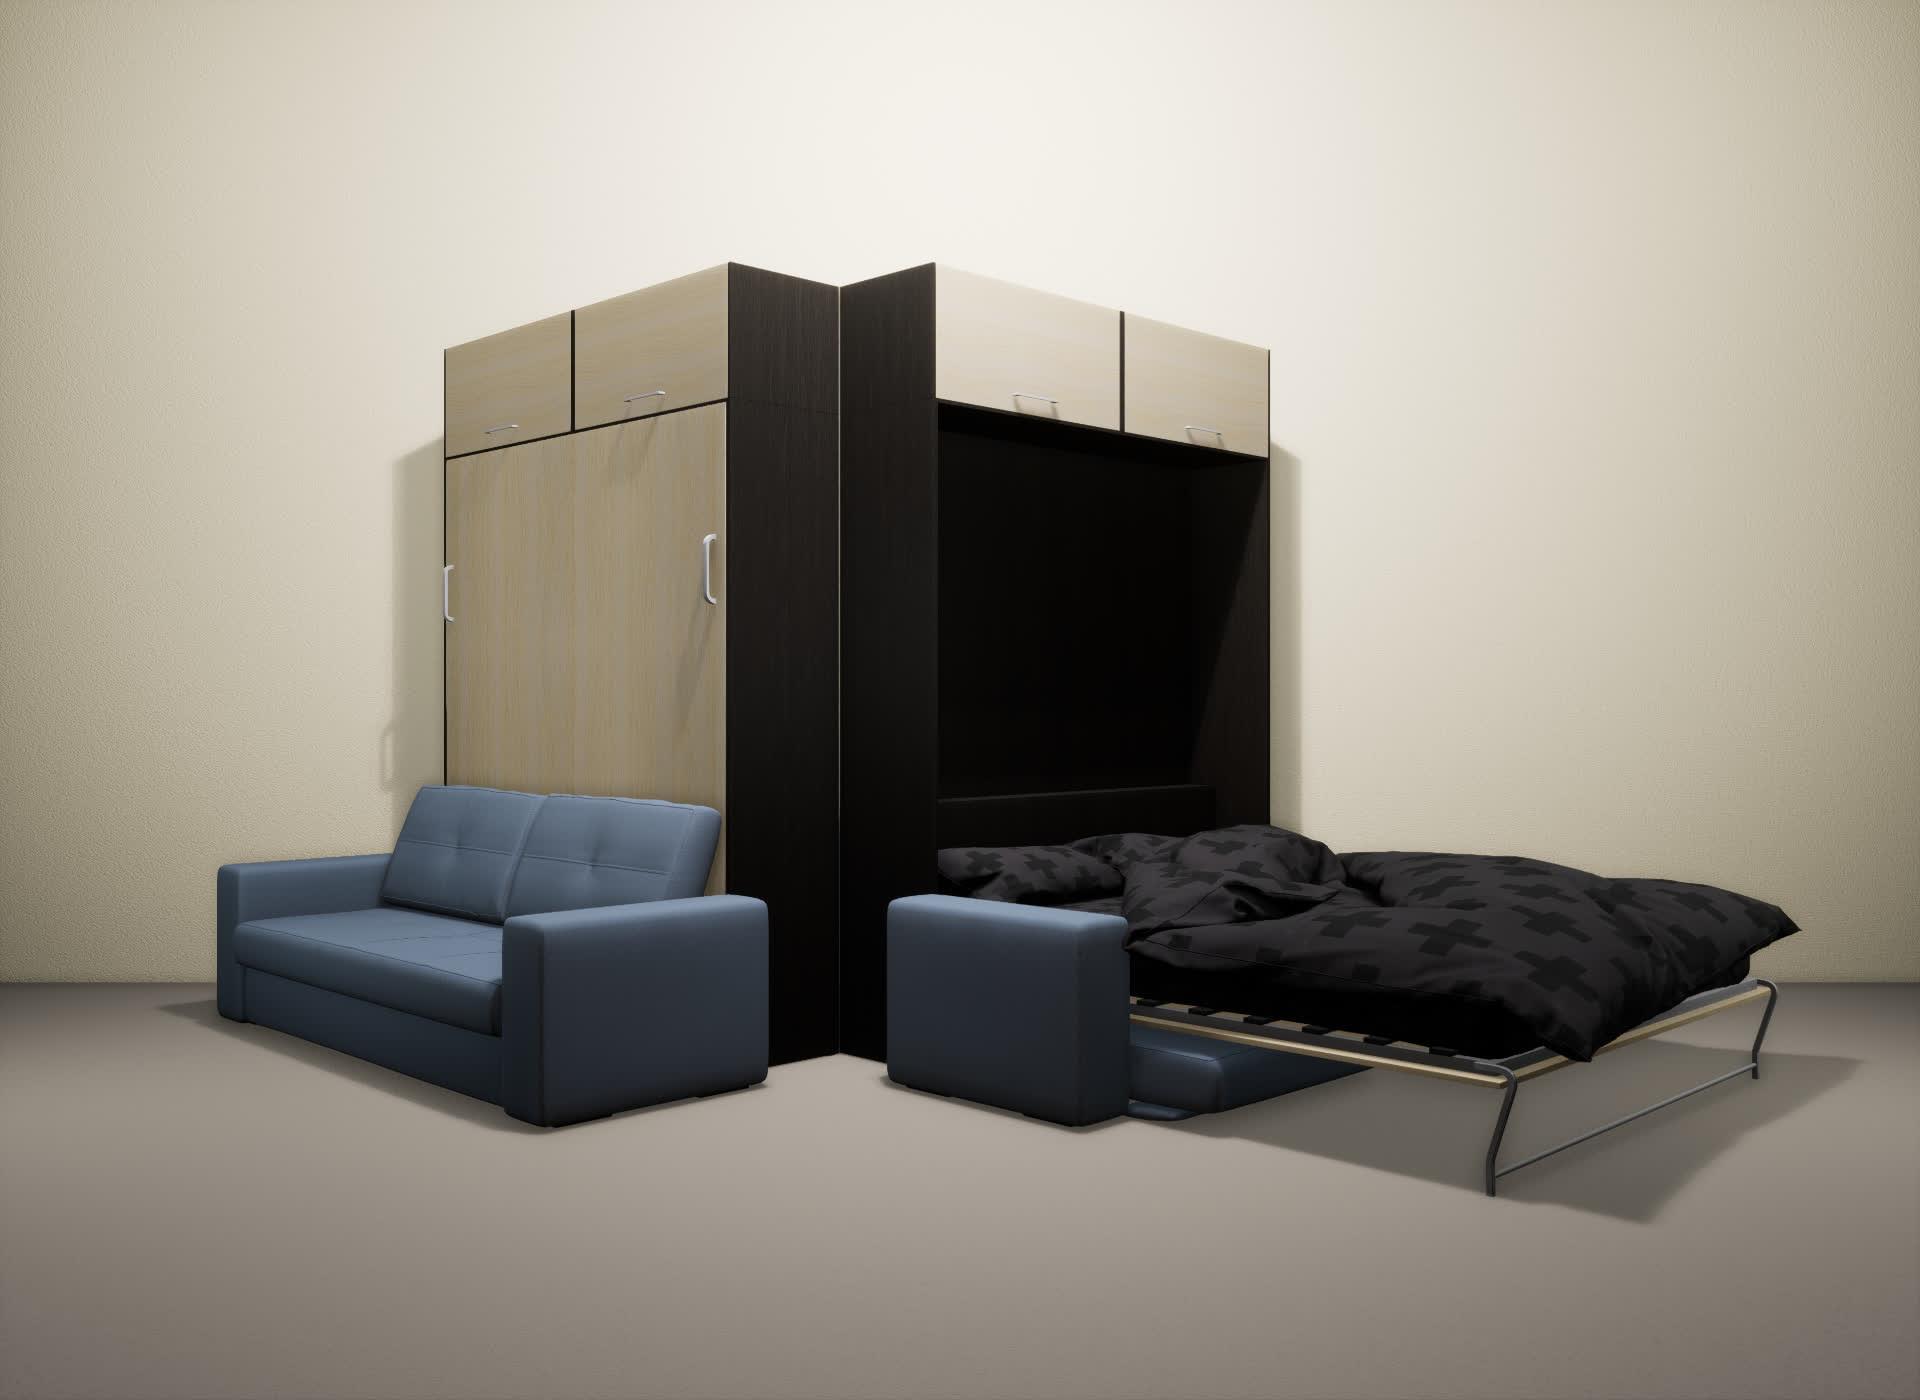 Шкаф-кровать SMART HOME Гамма венге/молочный дуб